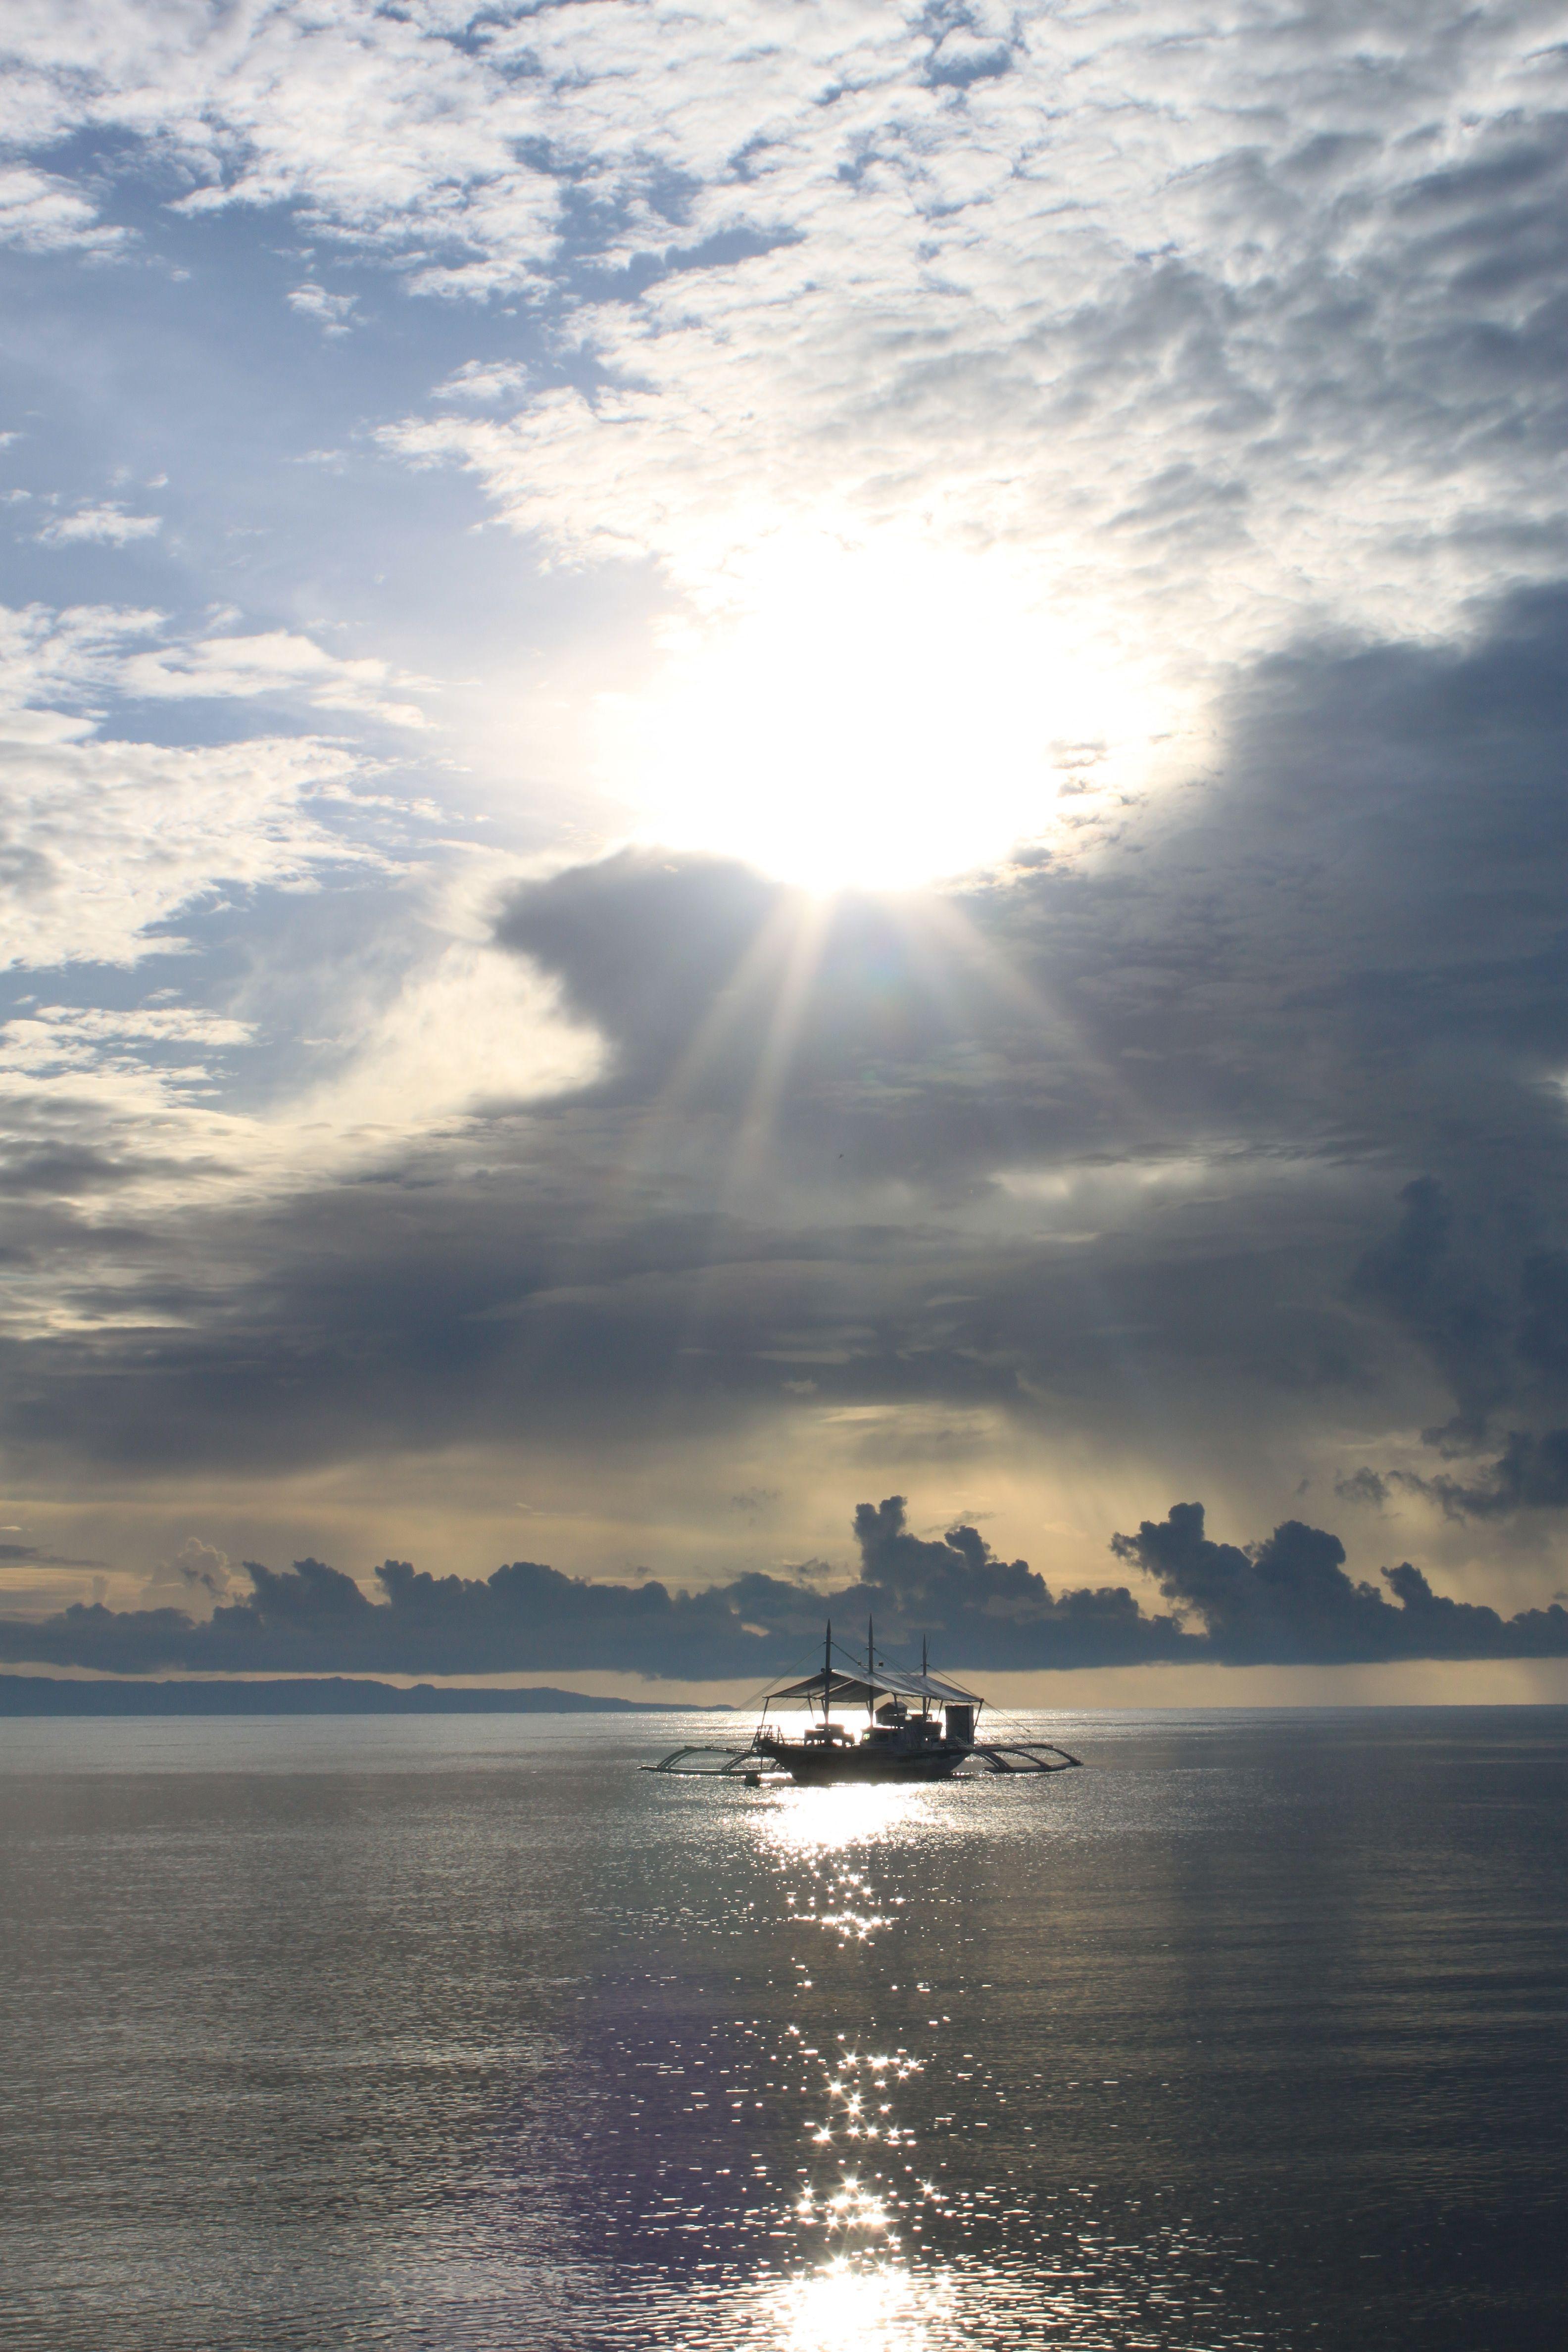 Dumaguete Philippines  City pictures : Dumaguete Philippines | Philippines | Pinterest